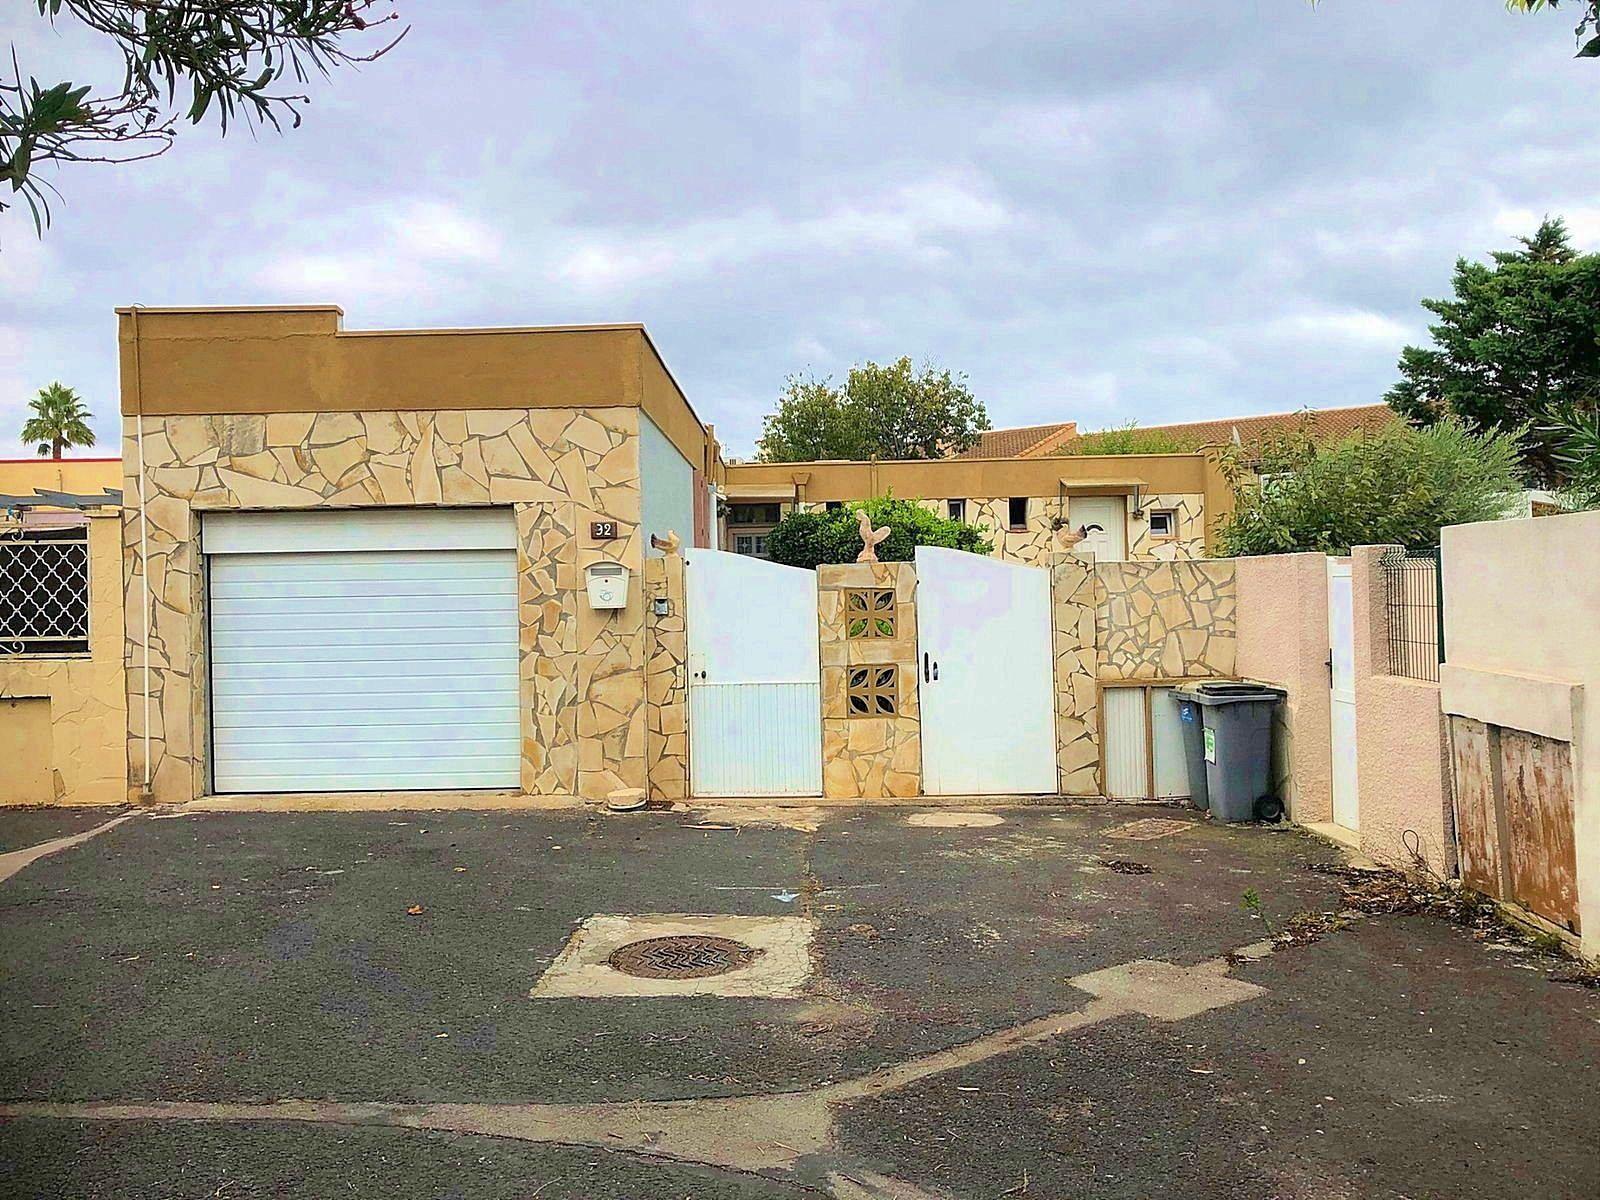 Vends maison en plein pied en viager à Frontignan - 110m²